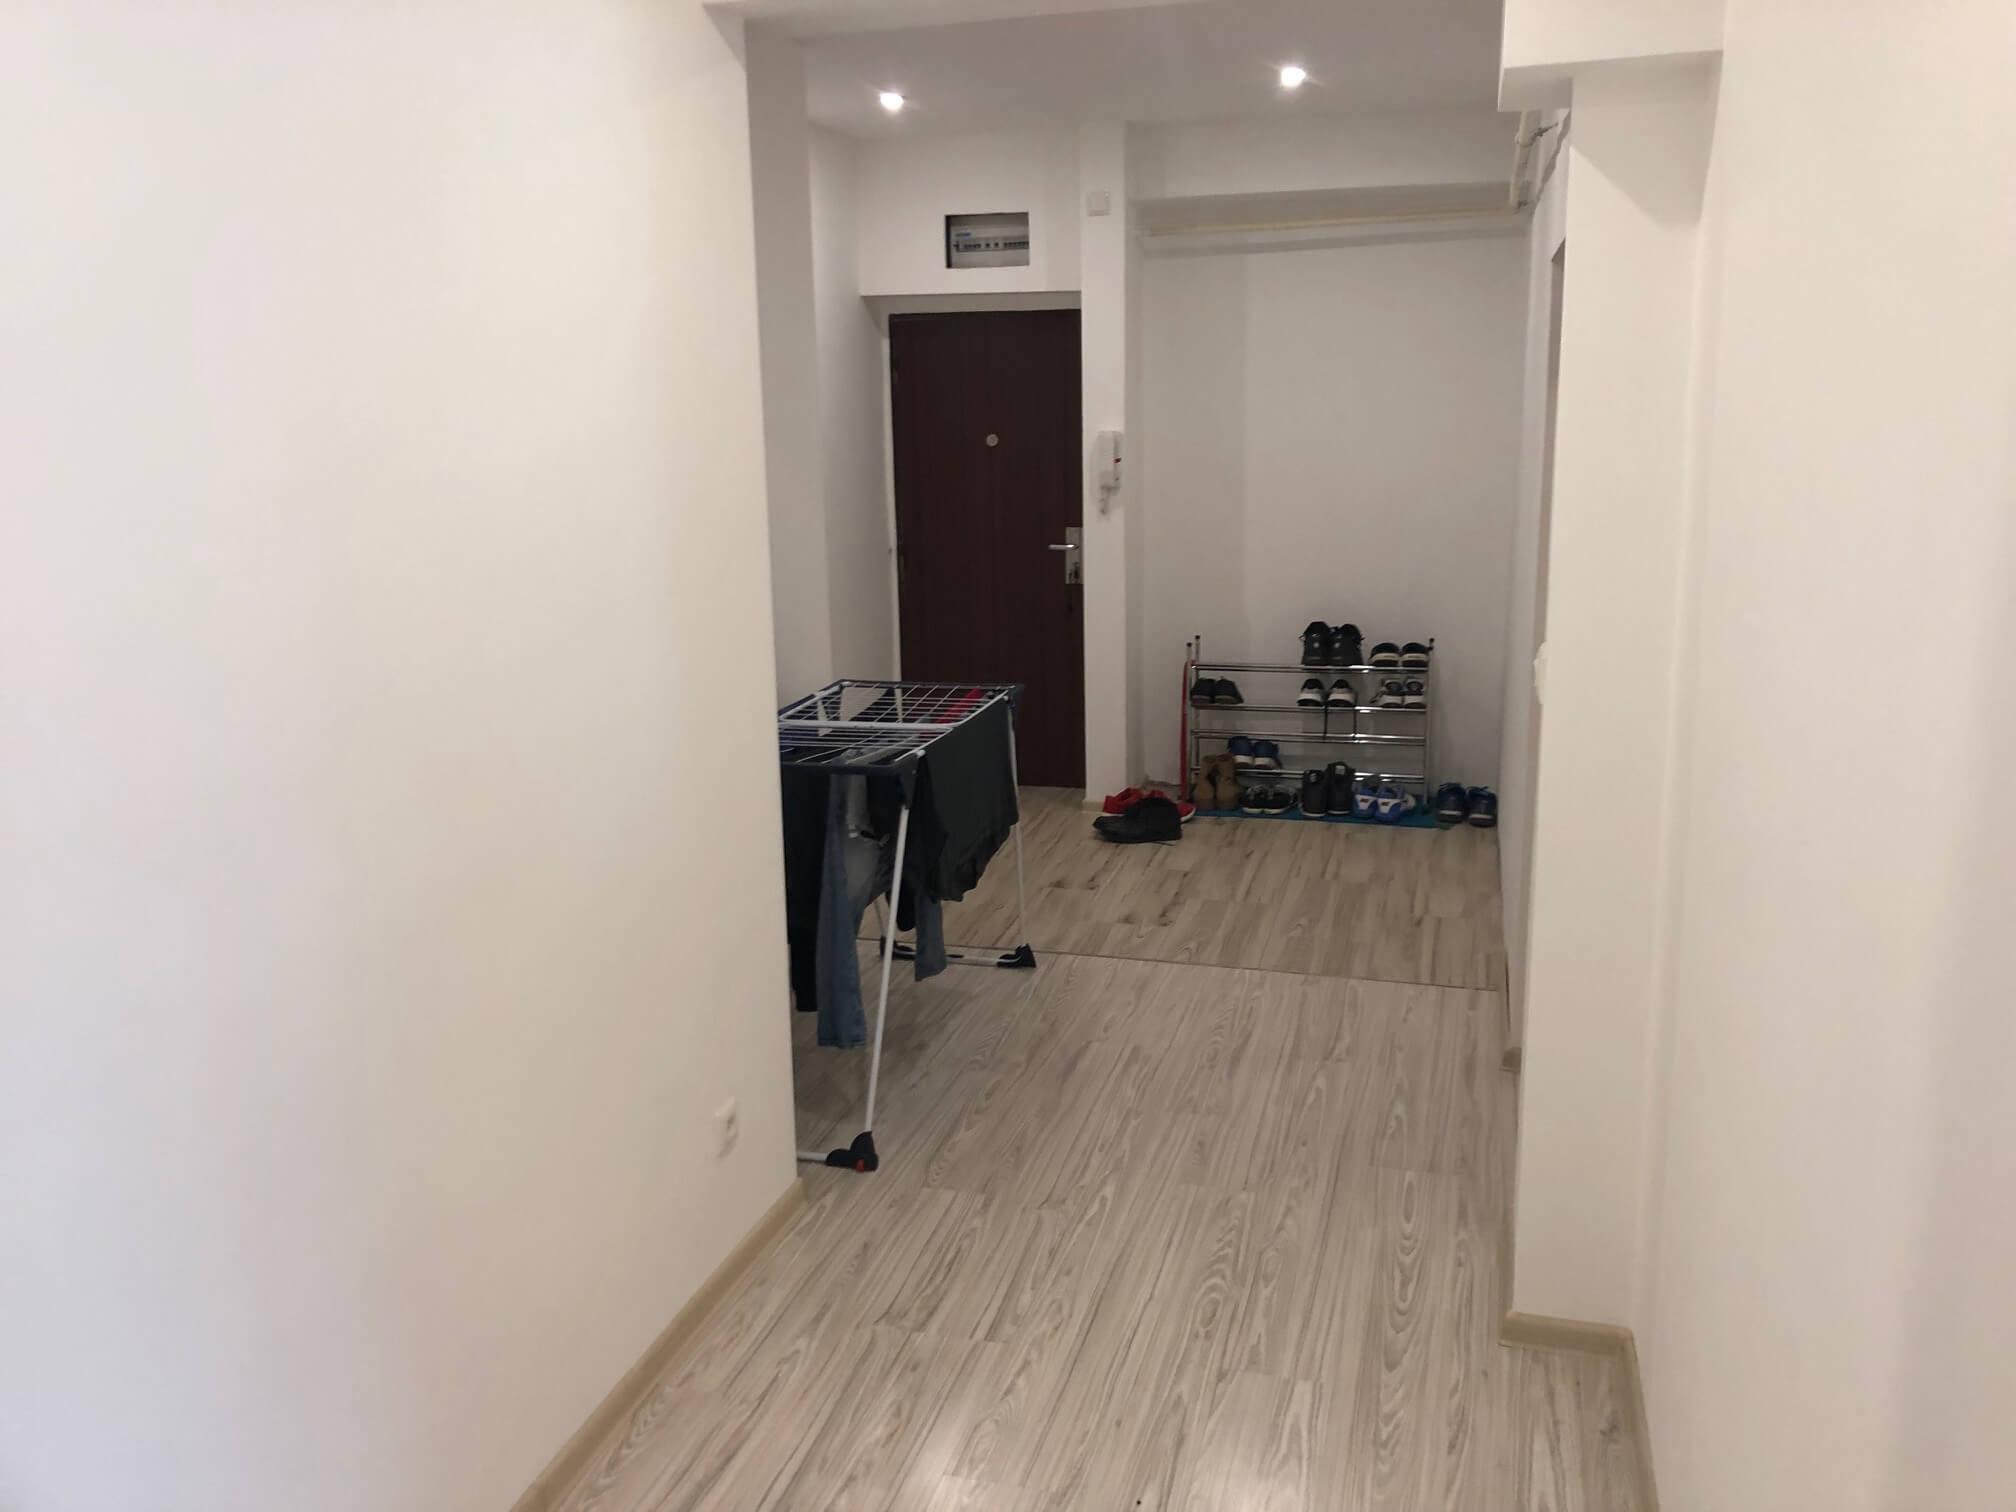 Predaný: Exkluzívne na predaj 3 izb. byt, 81,7m2, balkón 5 m2, pivnica 6m2, garáž, Dunajská Lužná, ulica Brezová-13